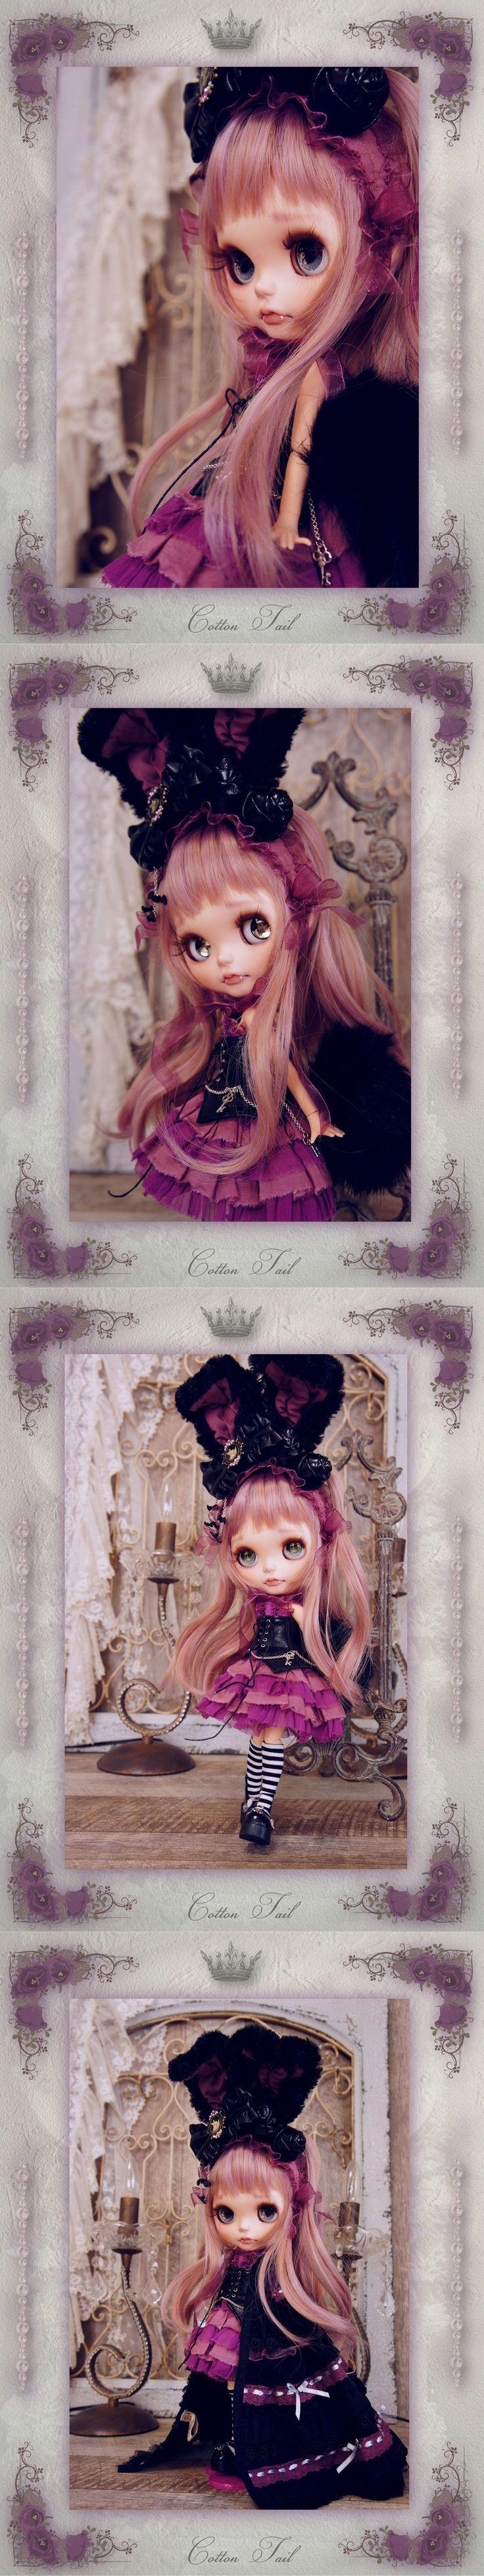 ◆CottonTail◆ 黒うさぎの小悪魔ちゃん *カシ... - ヤフオク!